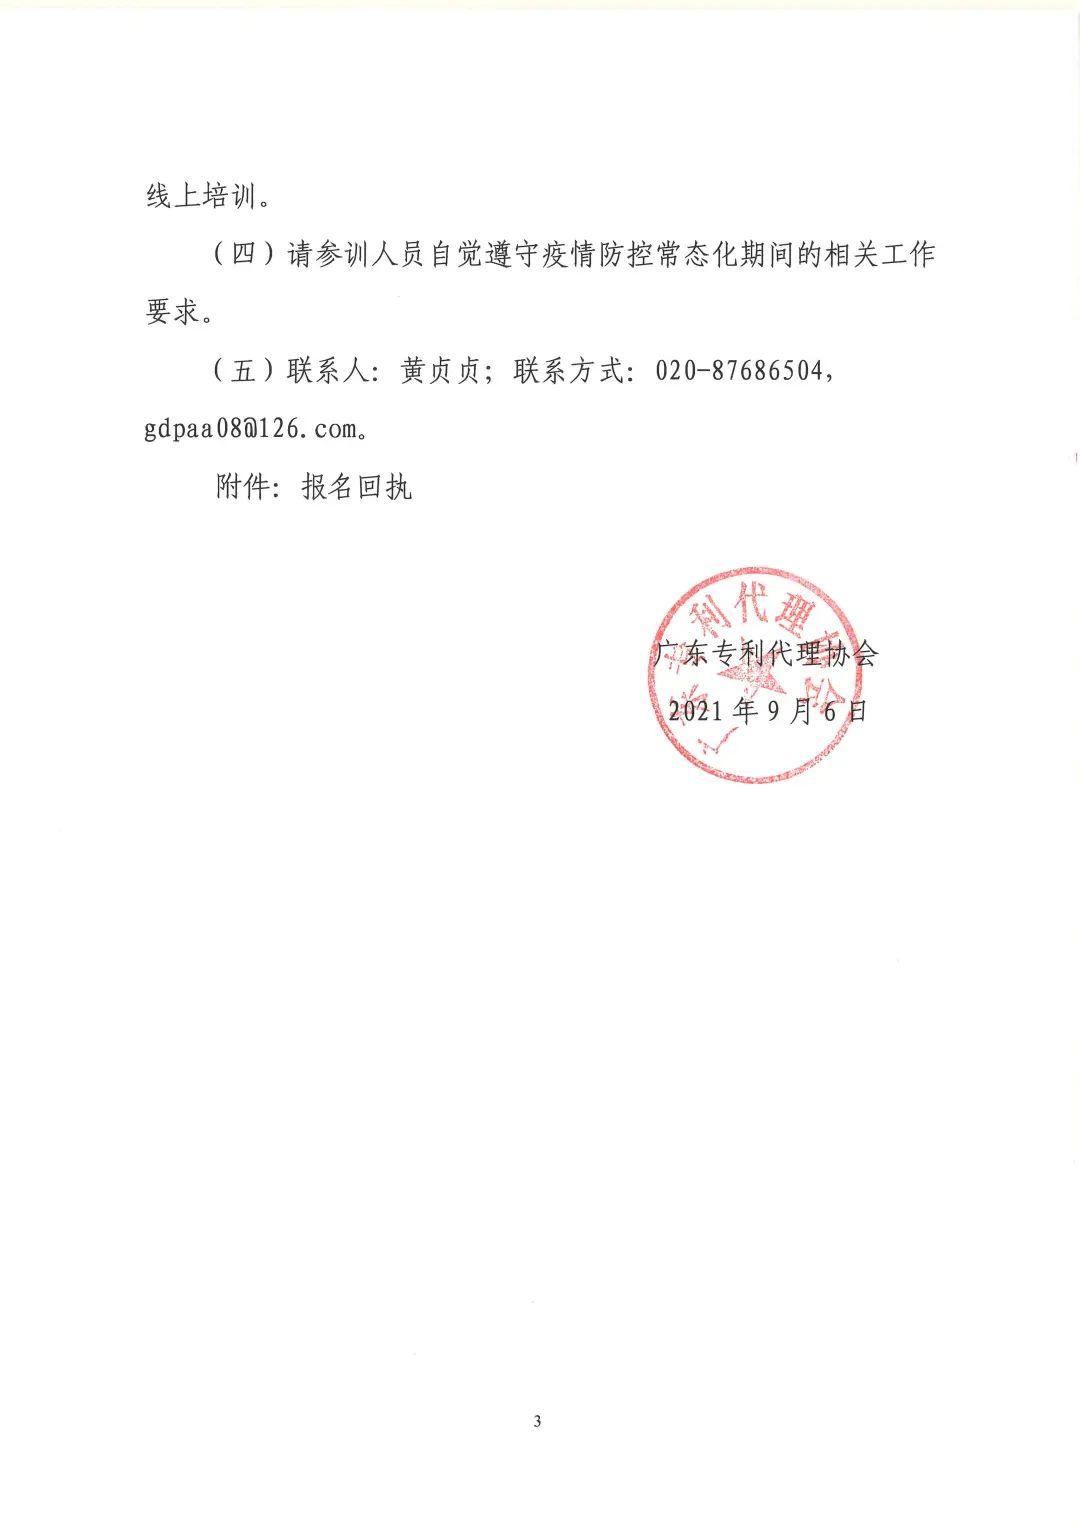 第130届广交会省内交易团知识产权保护业务培训即将开展!